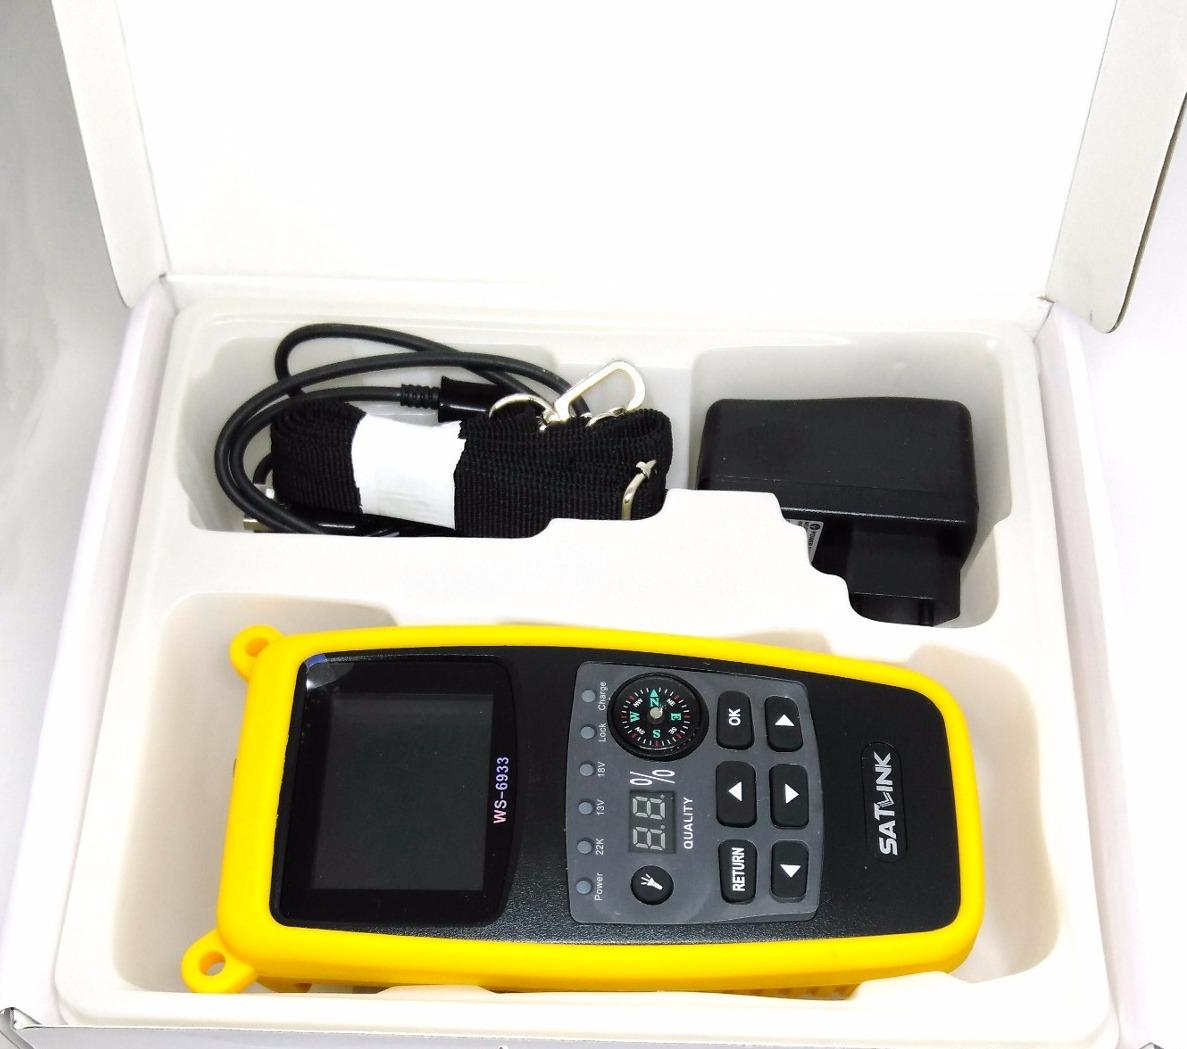 localizador-de-satelite-digital-satlink-ws-6933-dvb-s2-533021-mlb20690087187-042016-f-80681-zoom.jpg